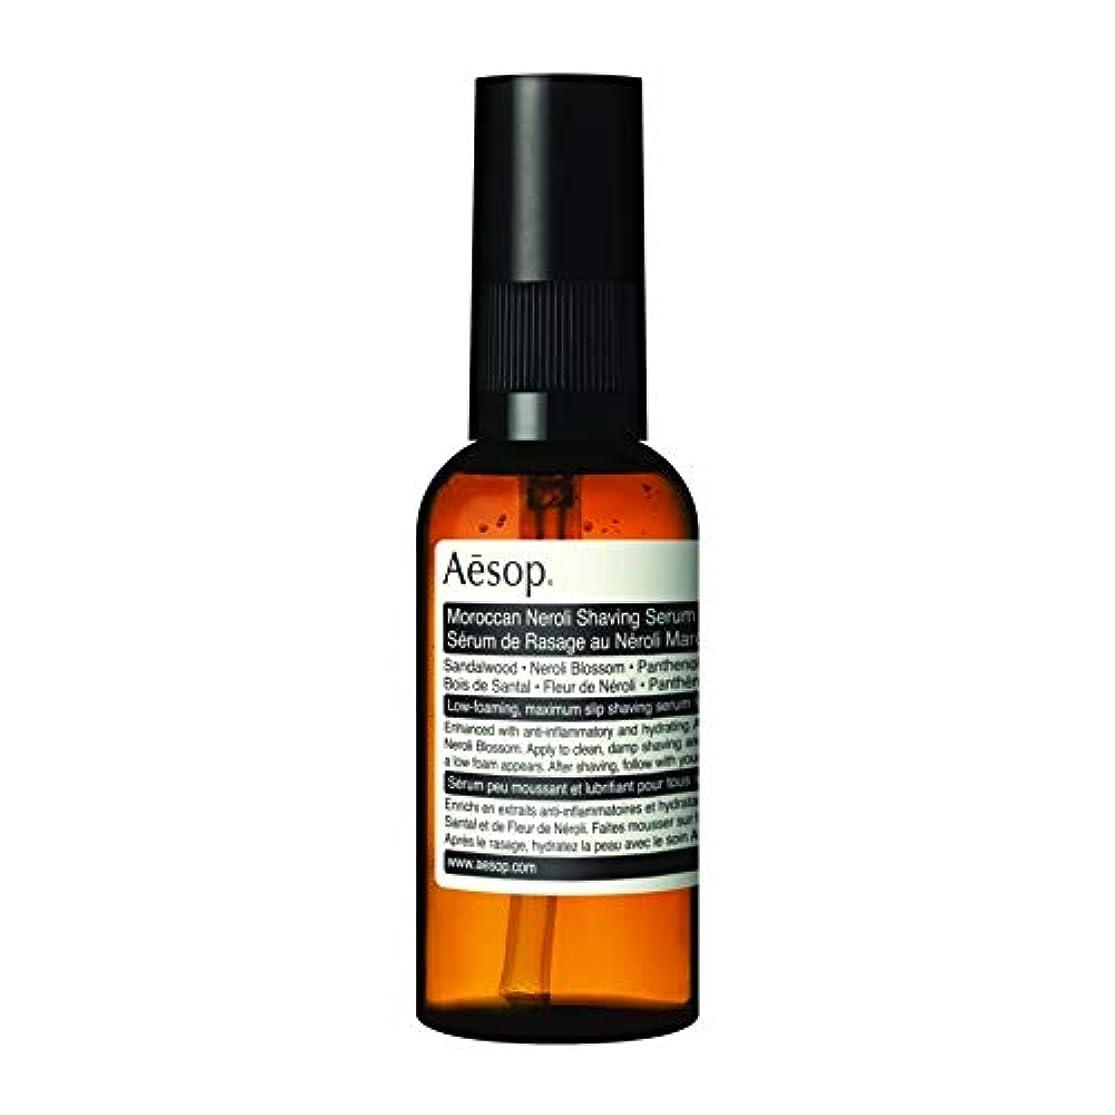 満足できる睡眠打倒[Aesop] イソップモロッコネロリシェービング血清60ミリリットル - Aesop Moroccan Neroli Shaving Serum 60ml [並行輸入品]